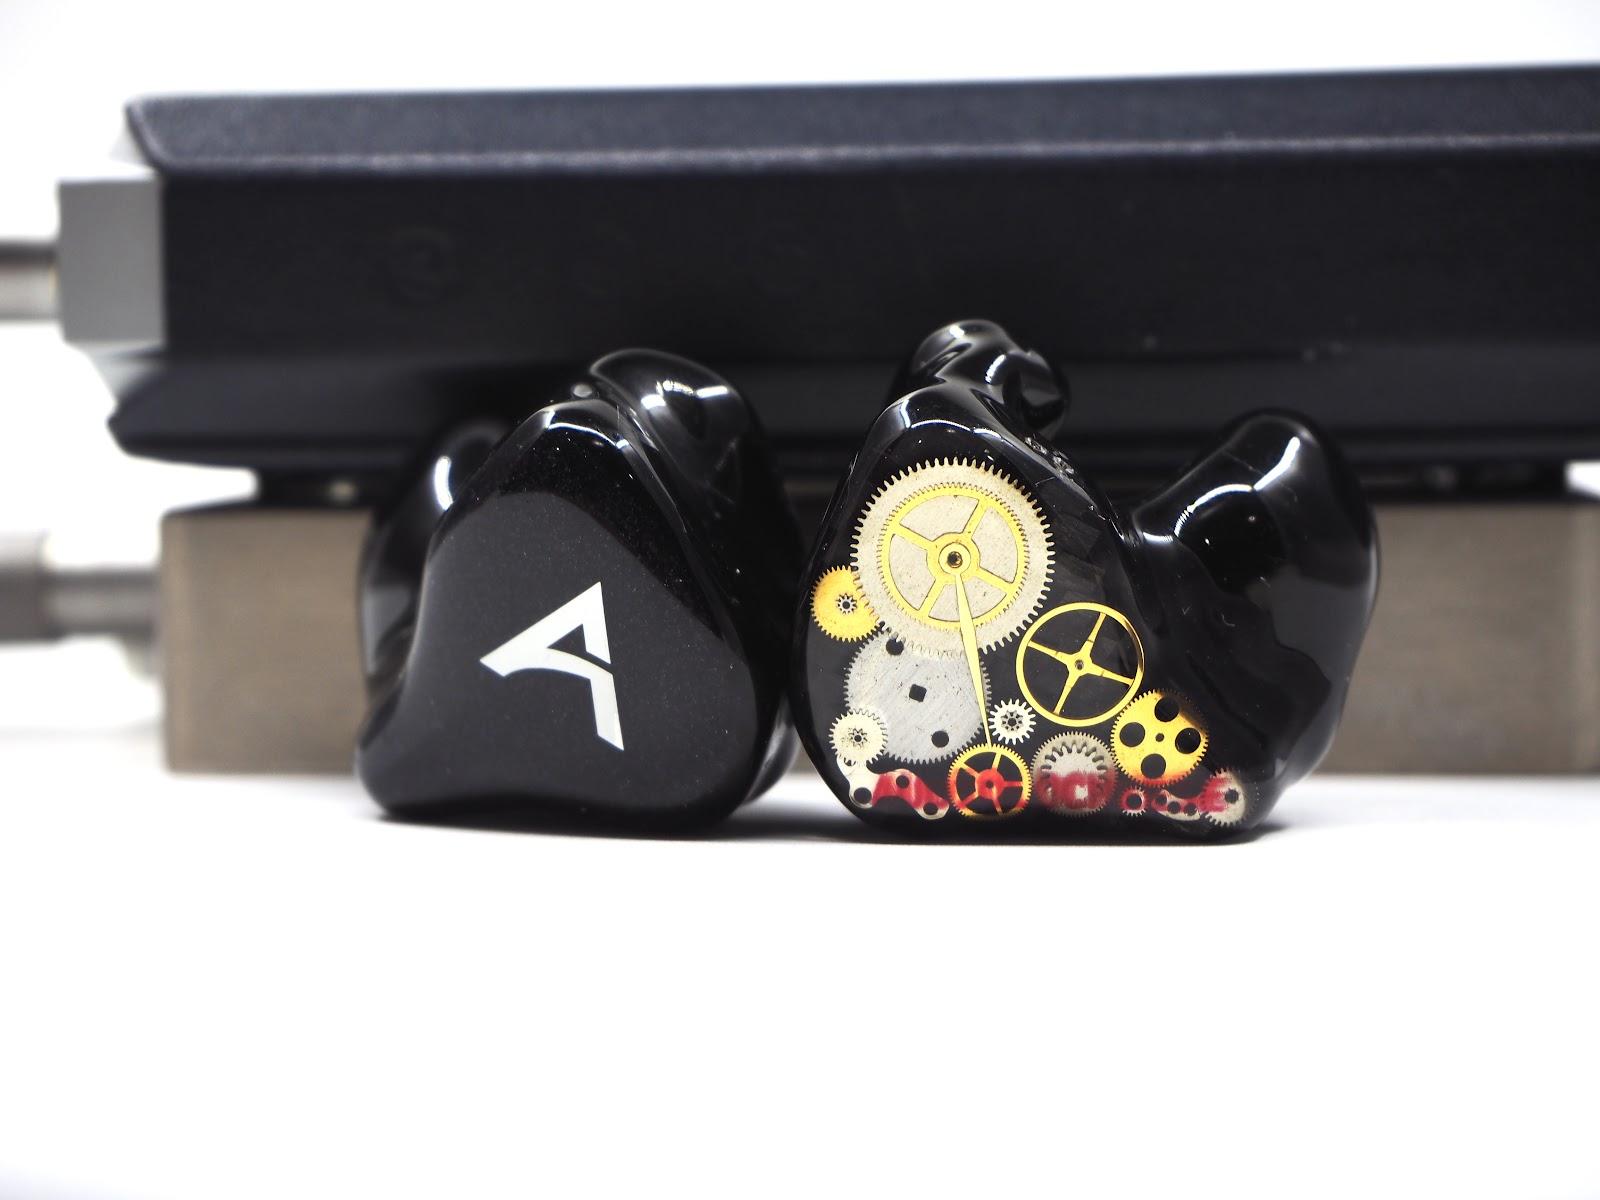 Avara AV3 with Opus #3 and ALO Audio RX